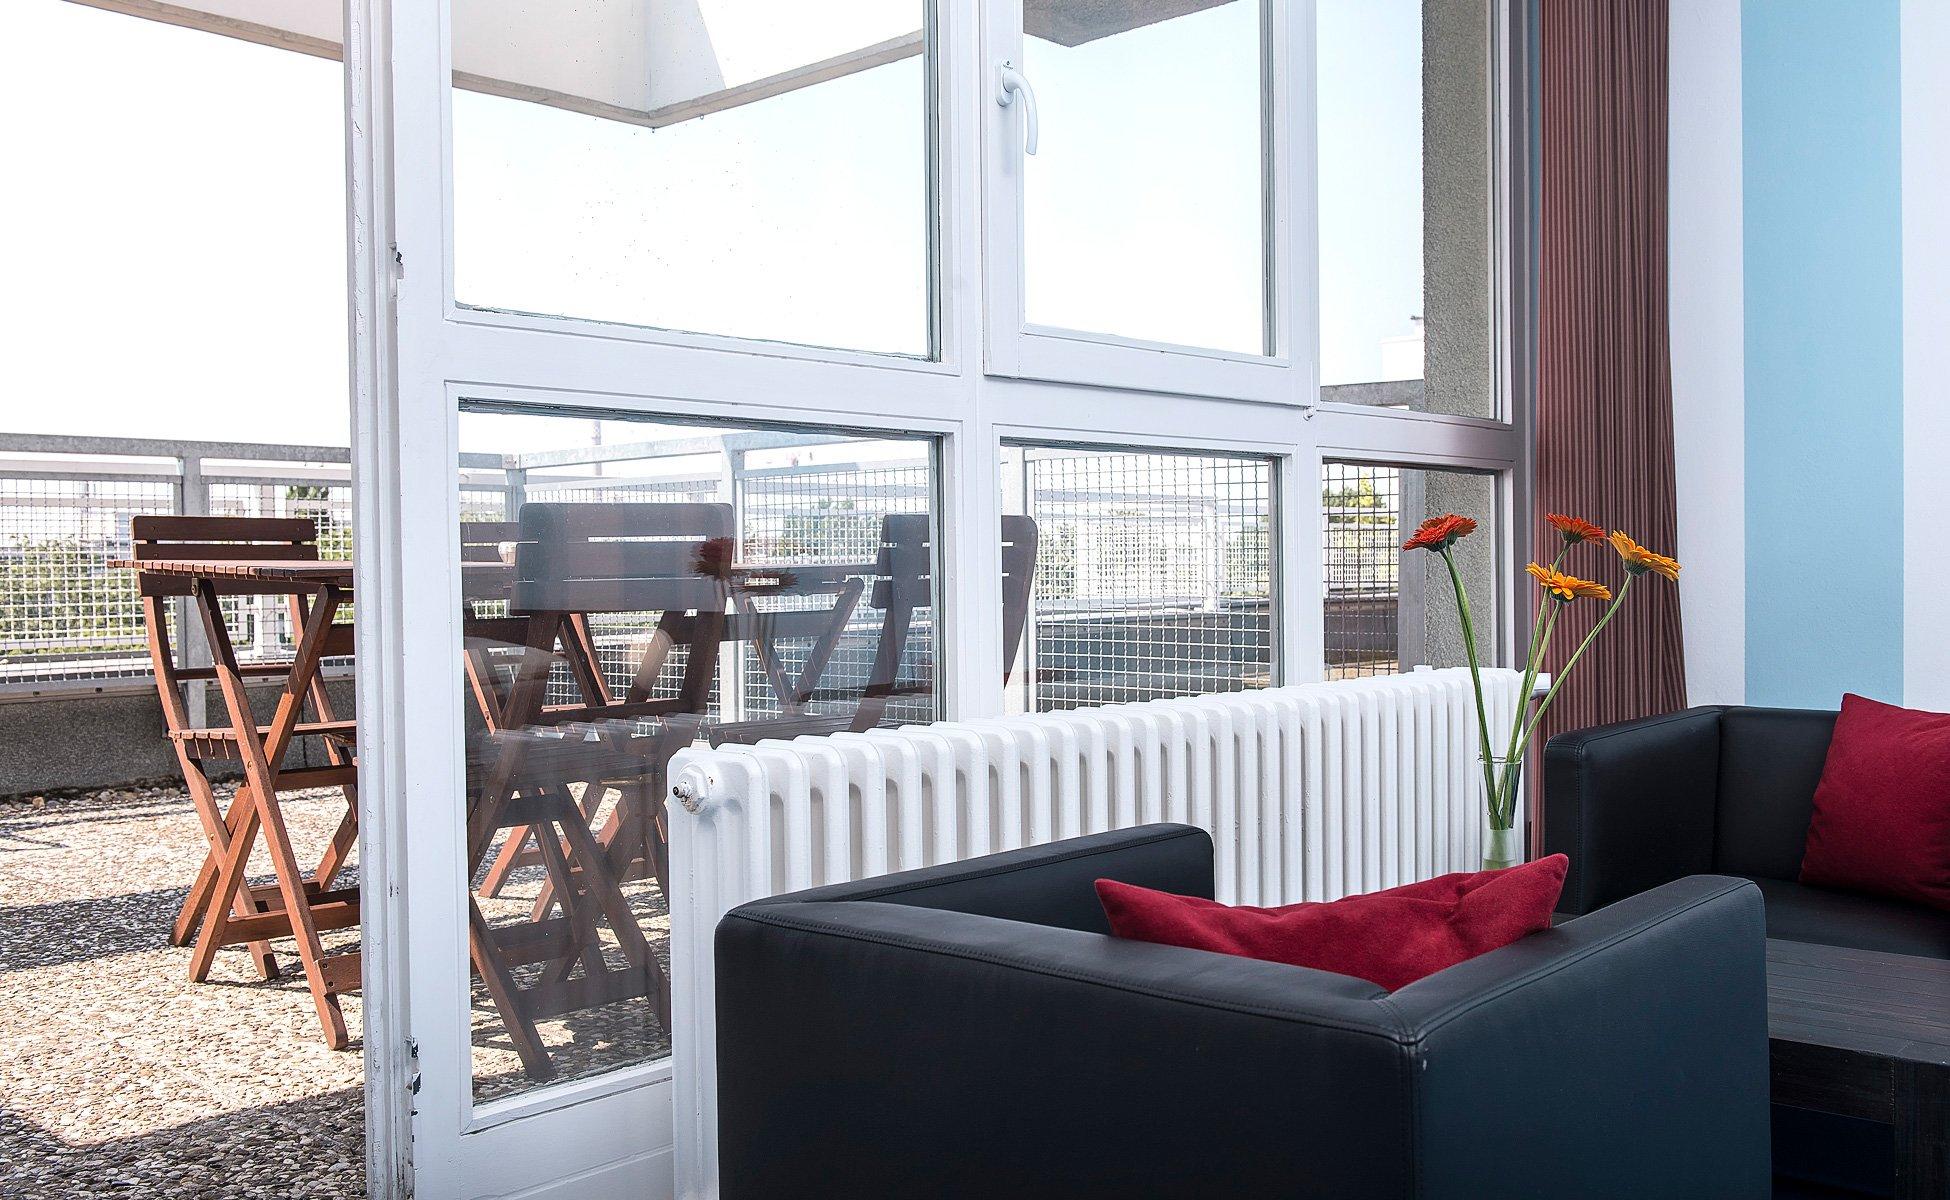 Das Apartment verfügt über eine Terrasse mit schönem Ausblick